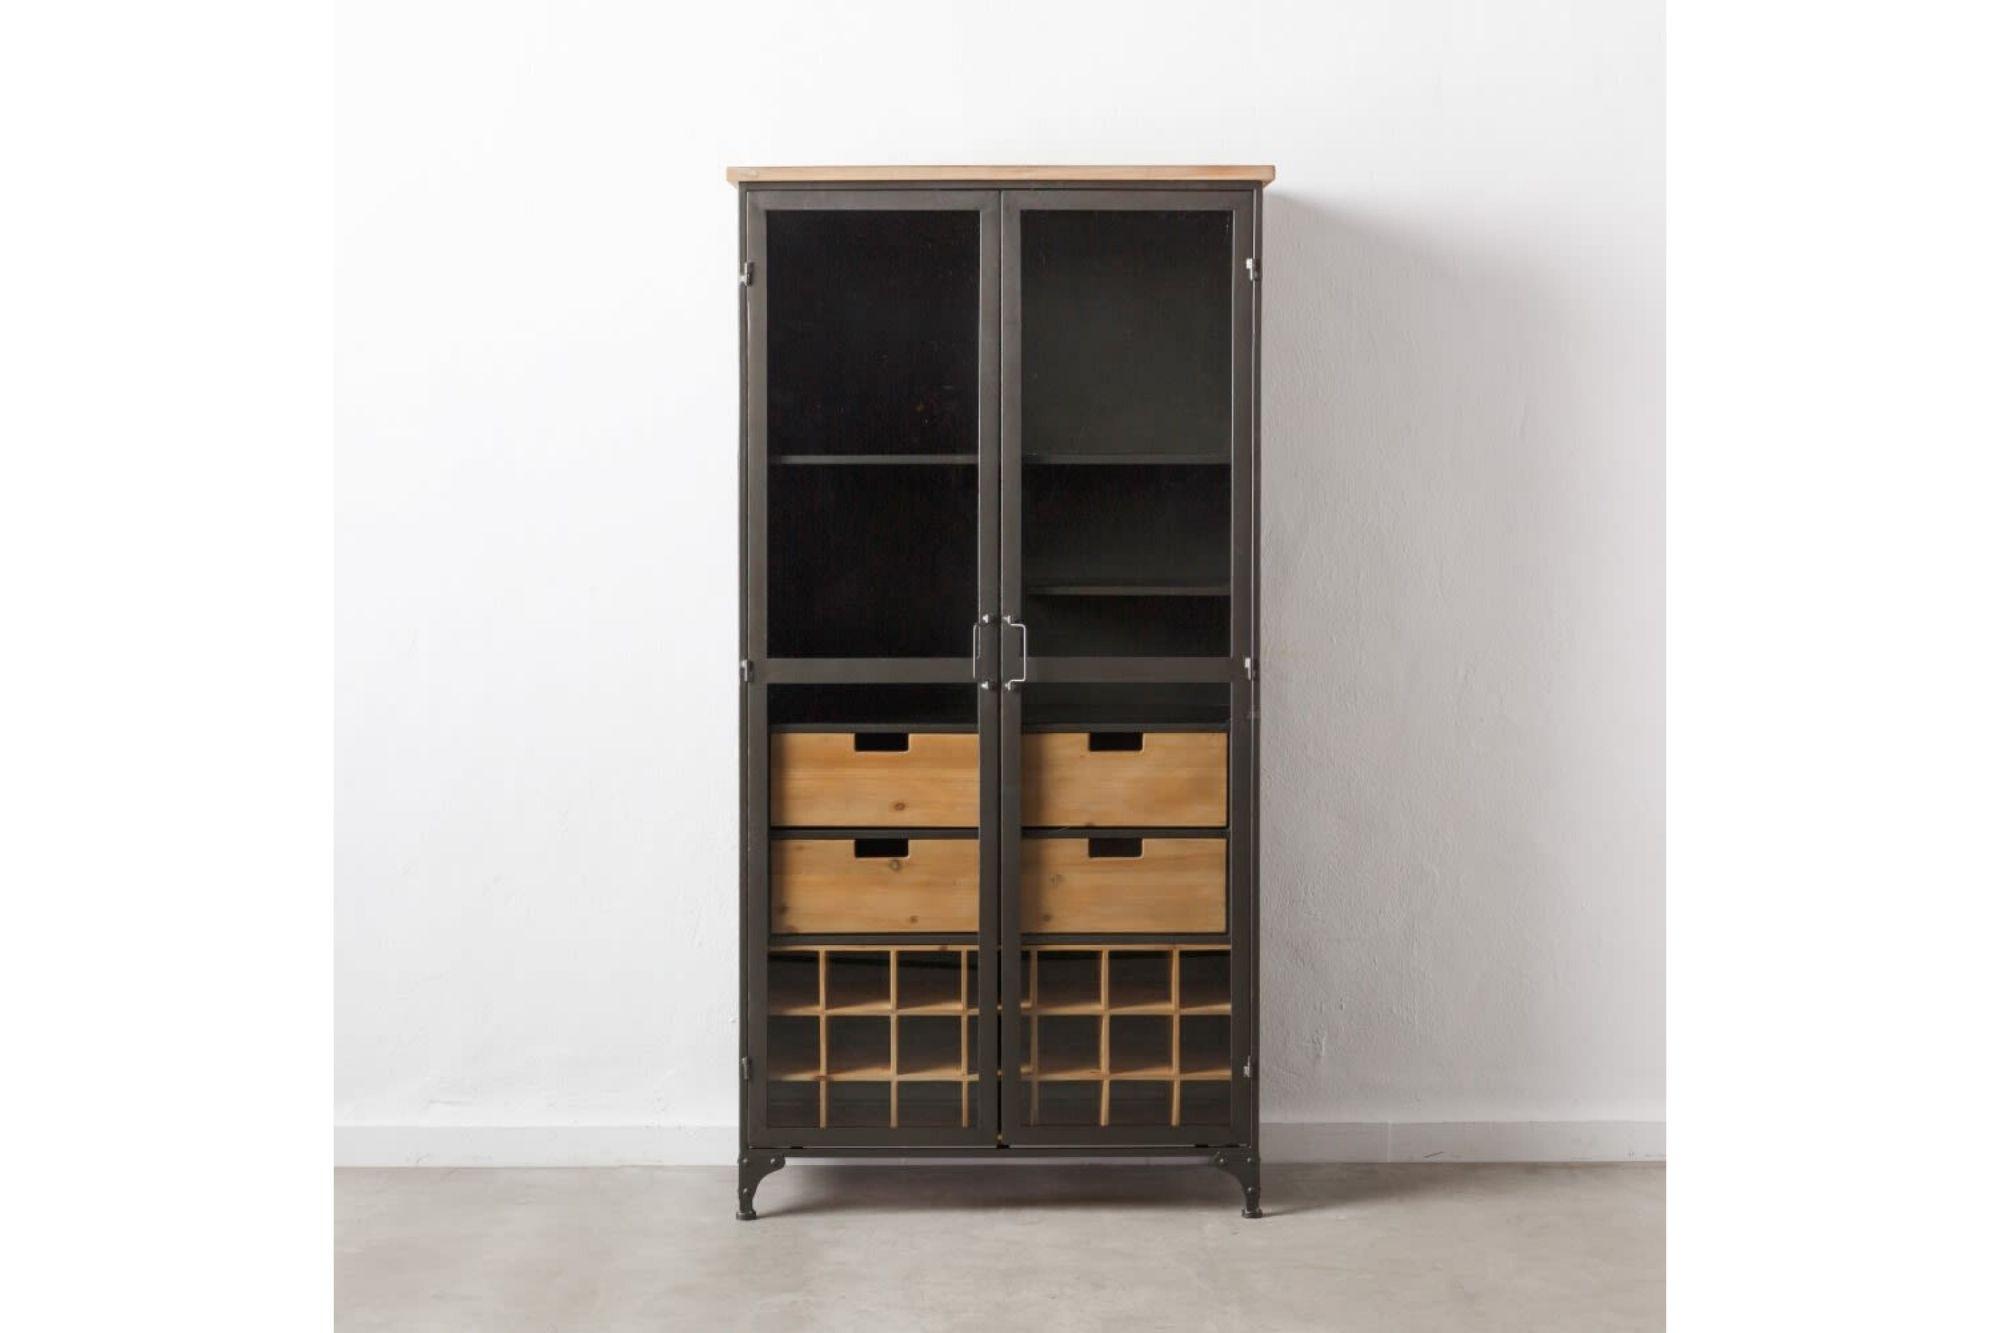 Vitrine en bois et m tal 2 portes 4 tiroirs industriel - Table de salle a manger en bois massif ...